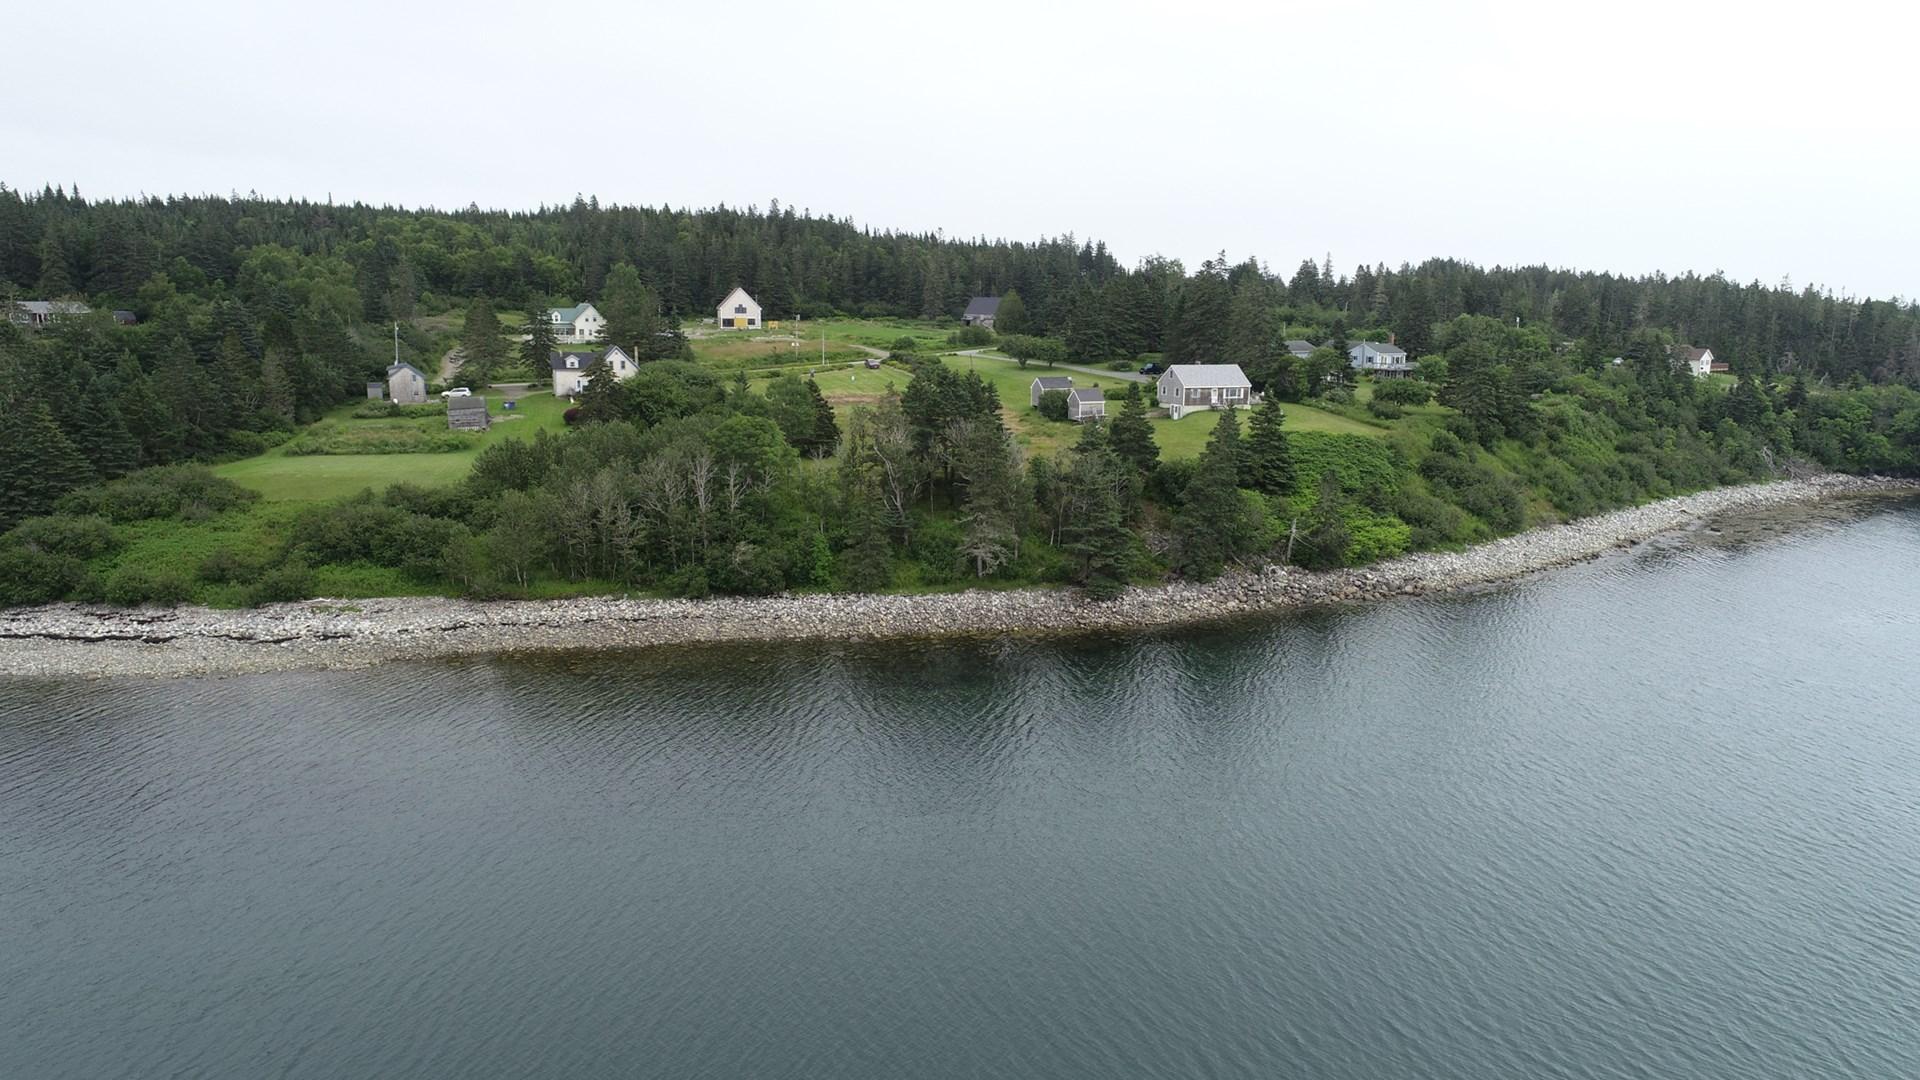 Land in Cutler, Maine